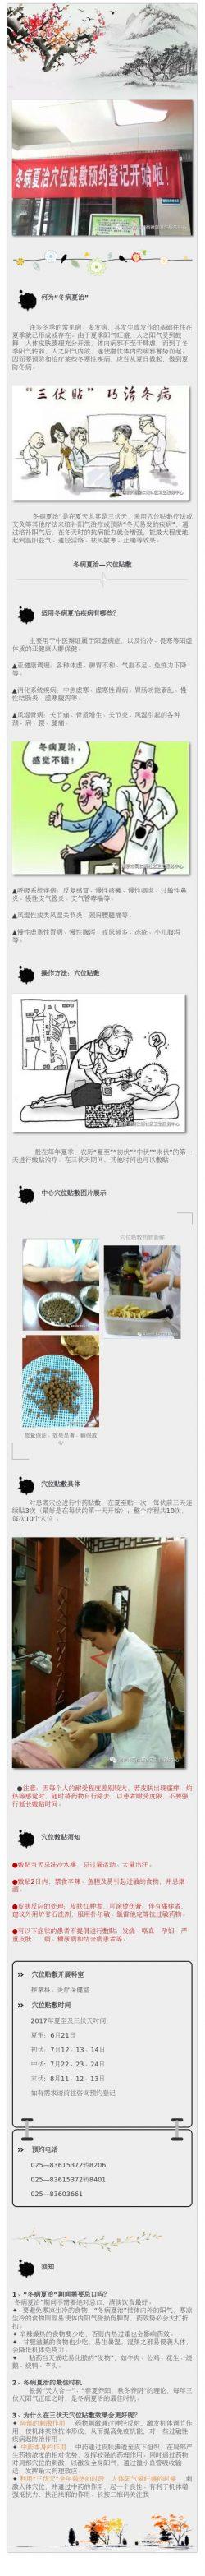 中医中国风古典水墨风格微信文章模板